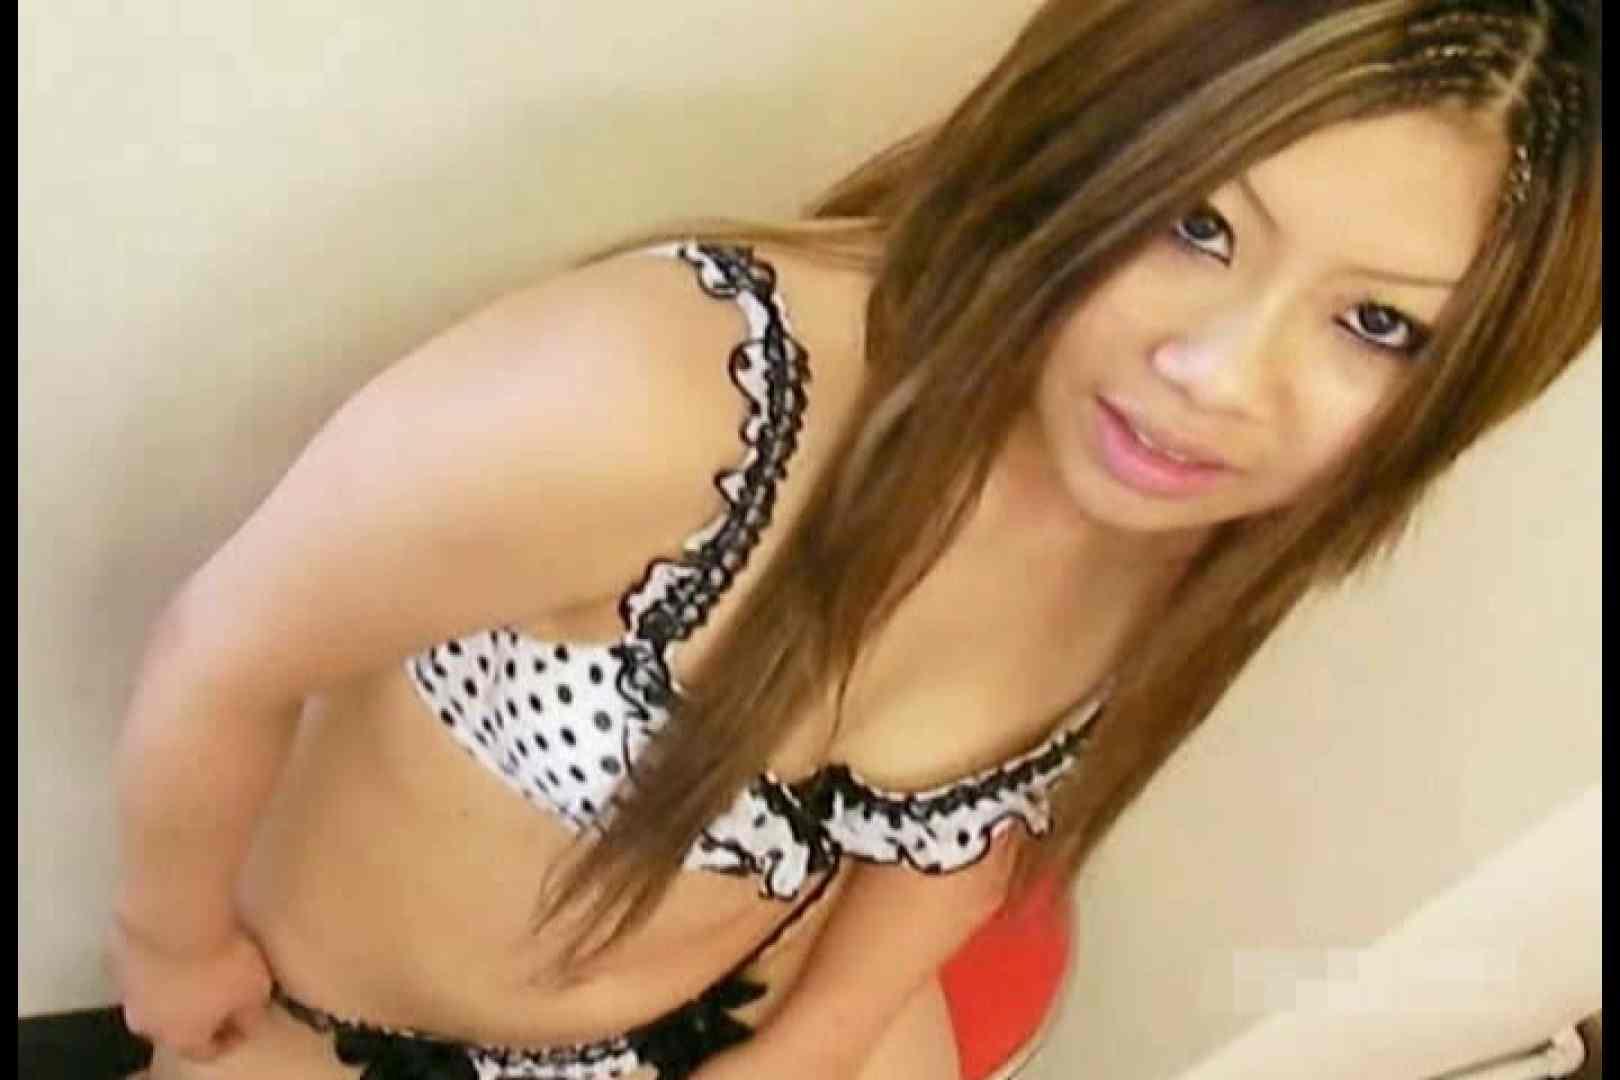 素人撮影 下着だけの撮影のはずが・・・幸子18歳 水着娘  52連発 16